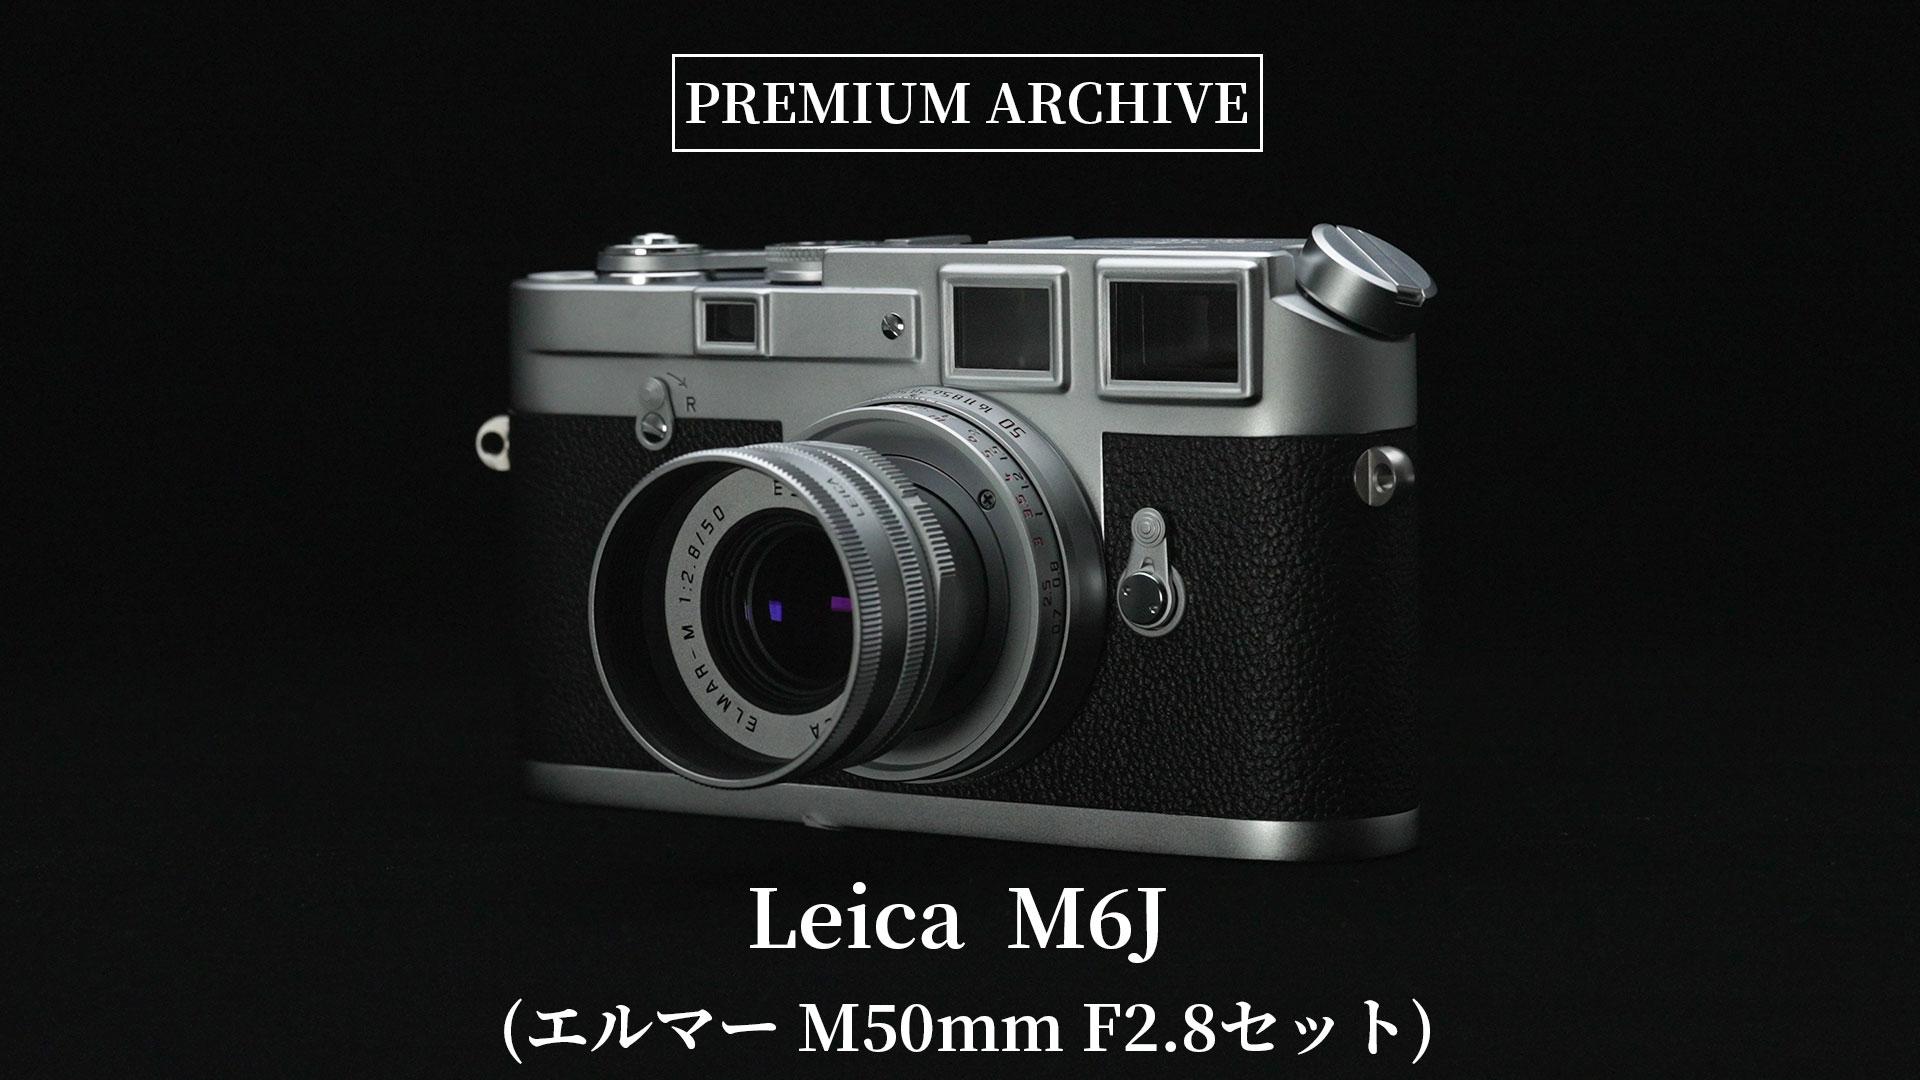 【PREMIUM ARCHIVE #07】Leica  M6J (エルマー M50mm F2.8セット)